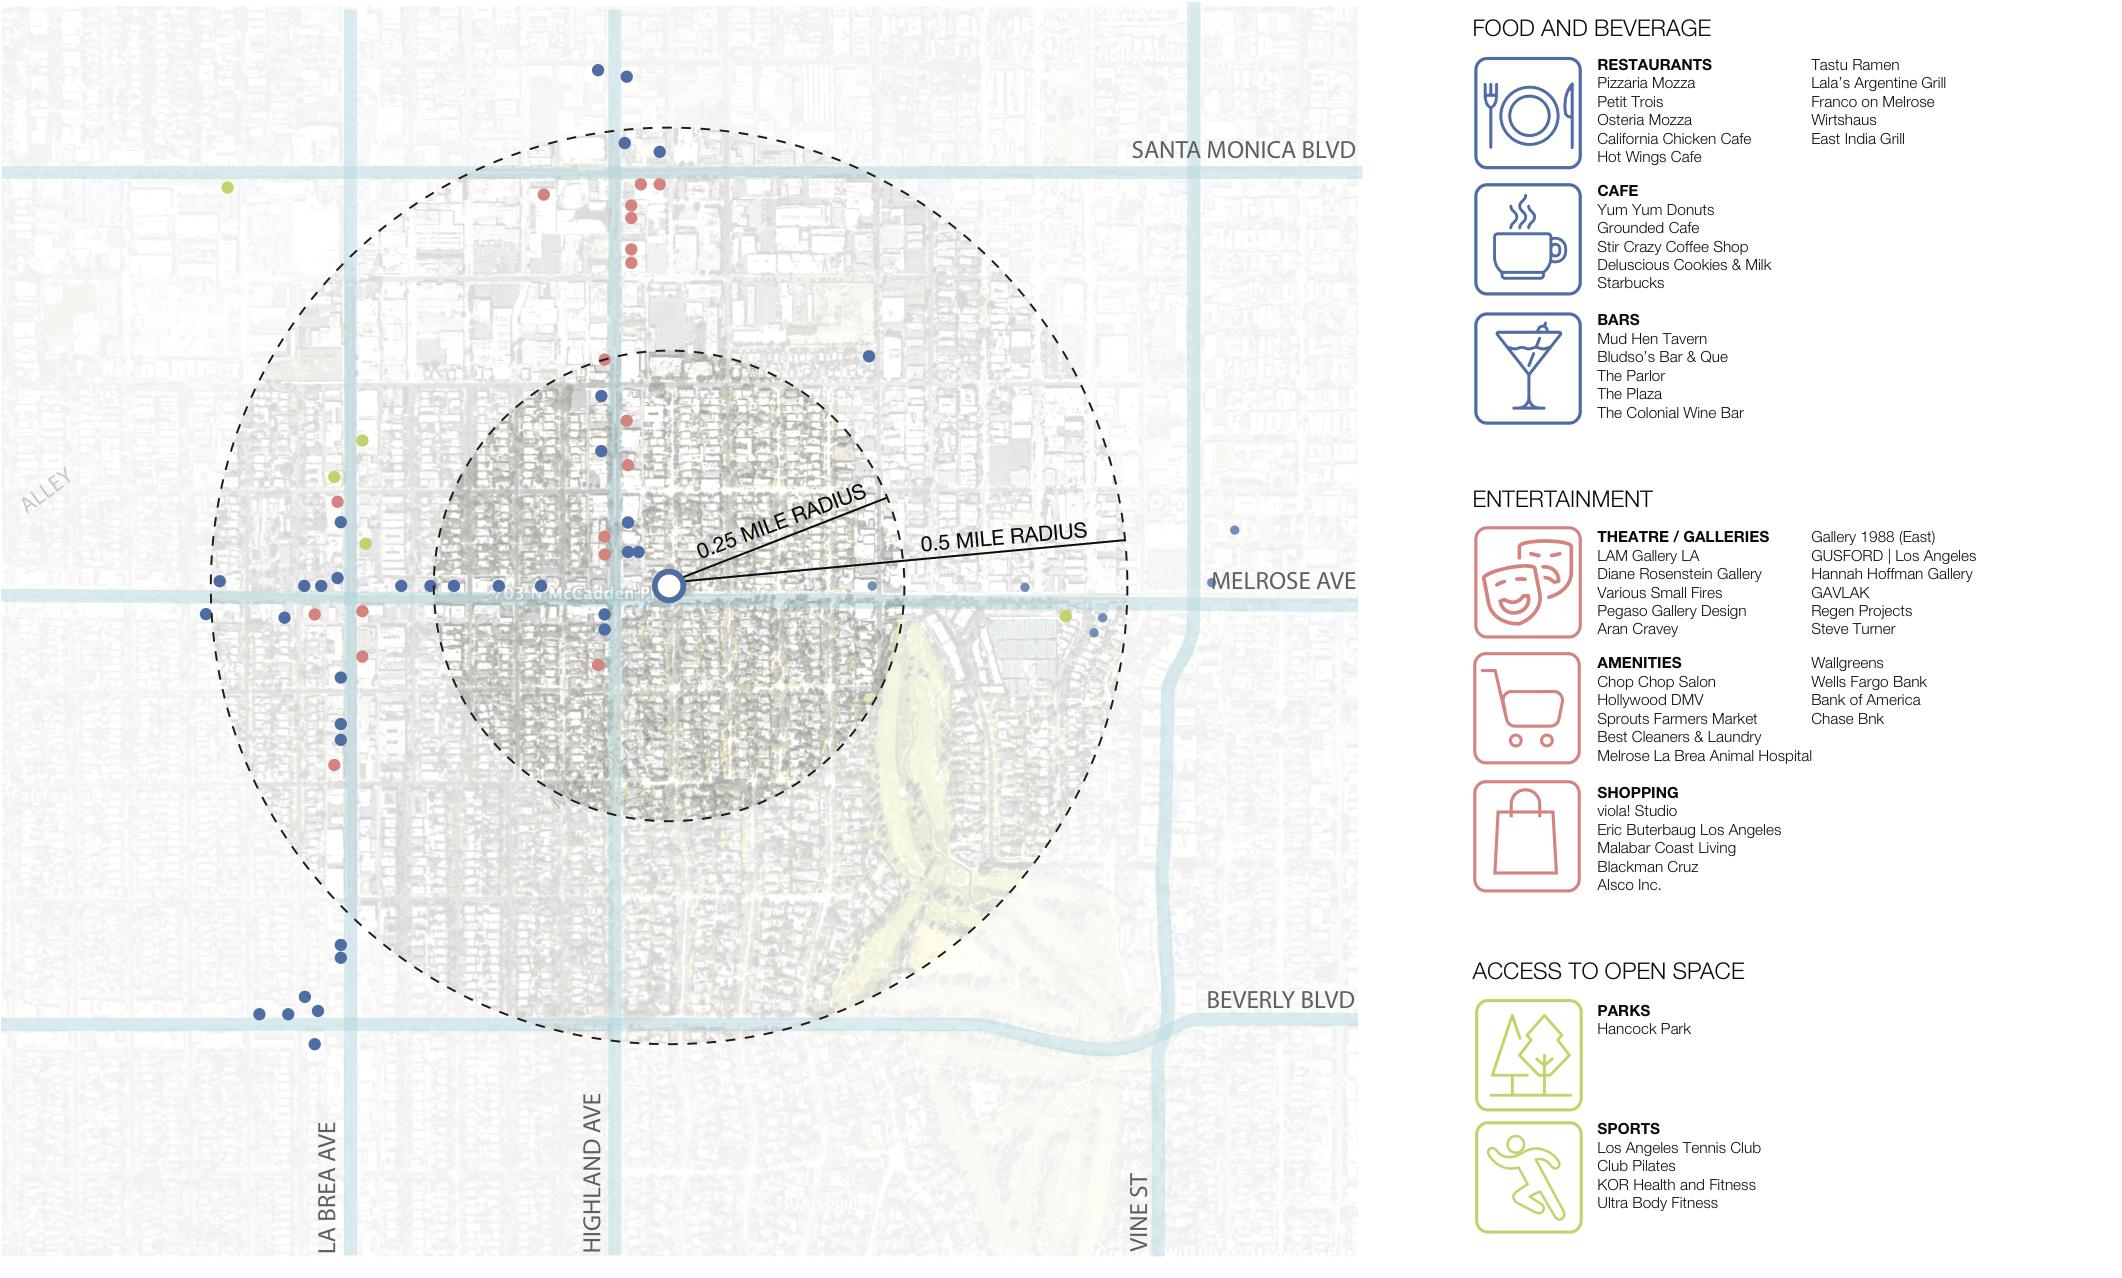 Location + neighborhood amenities